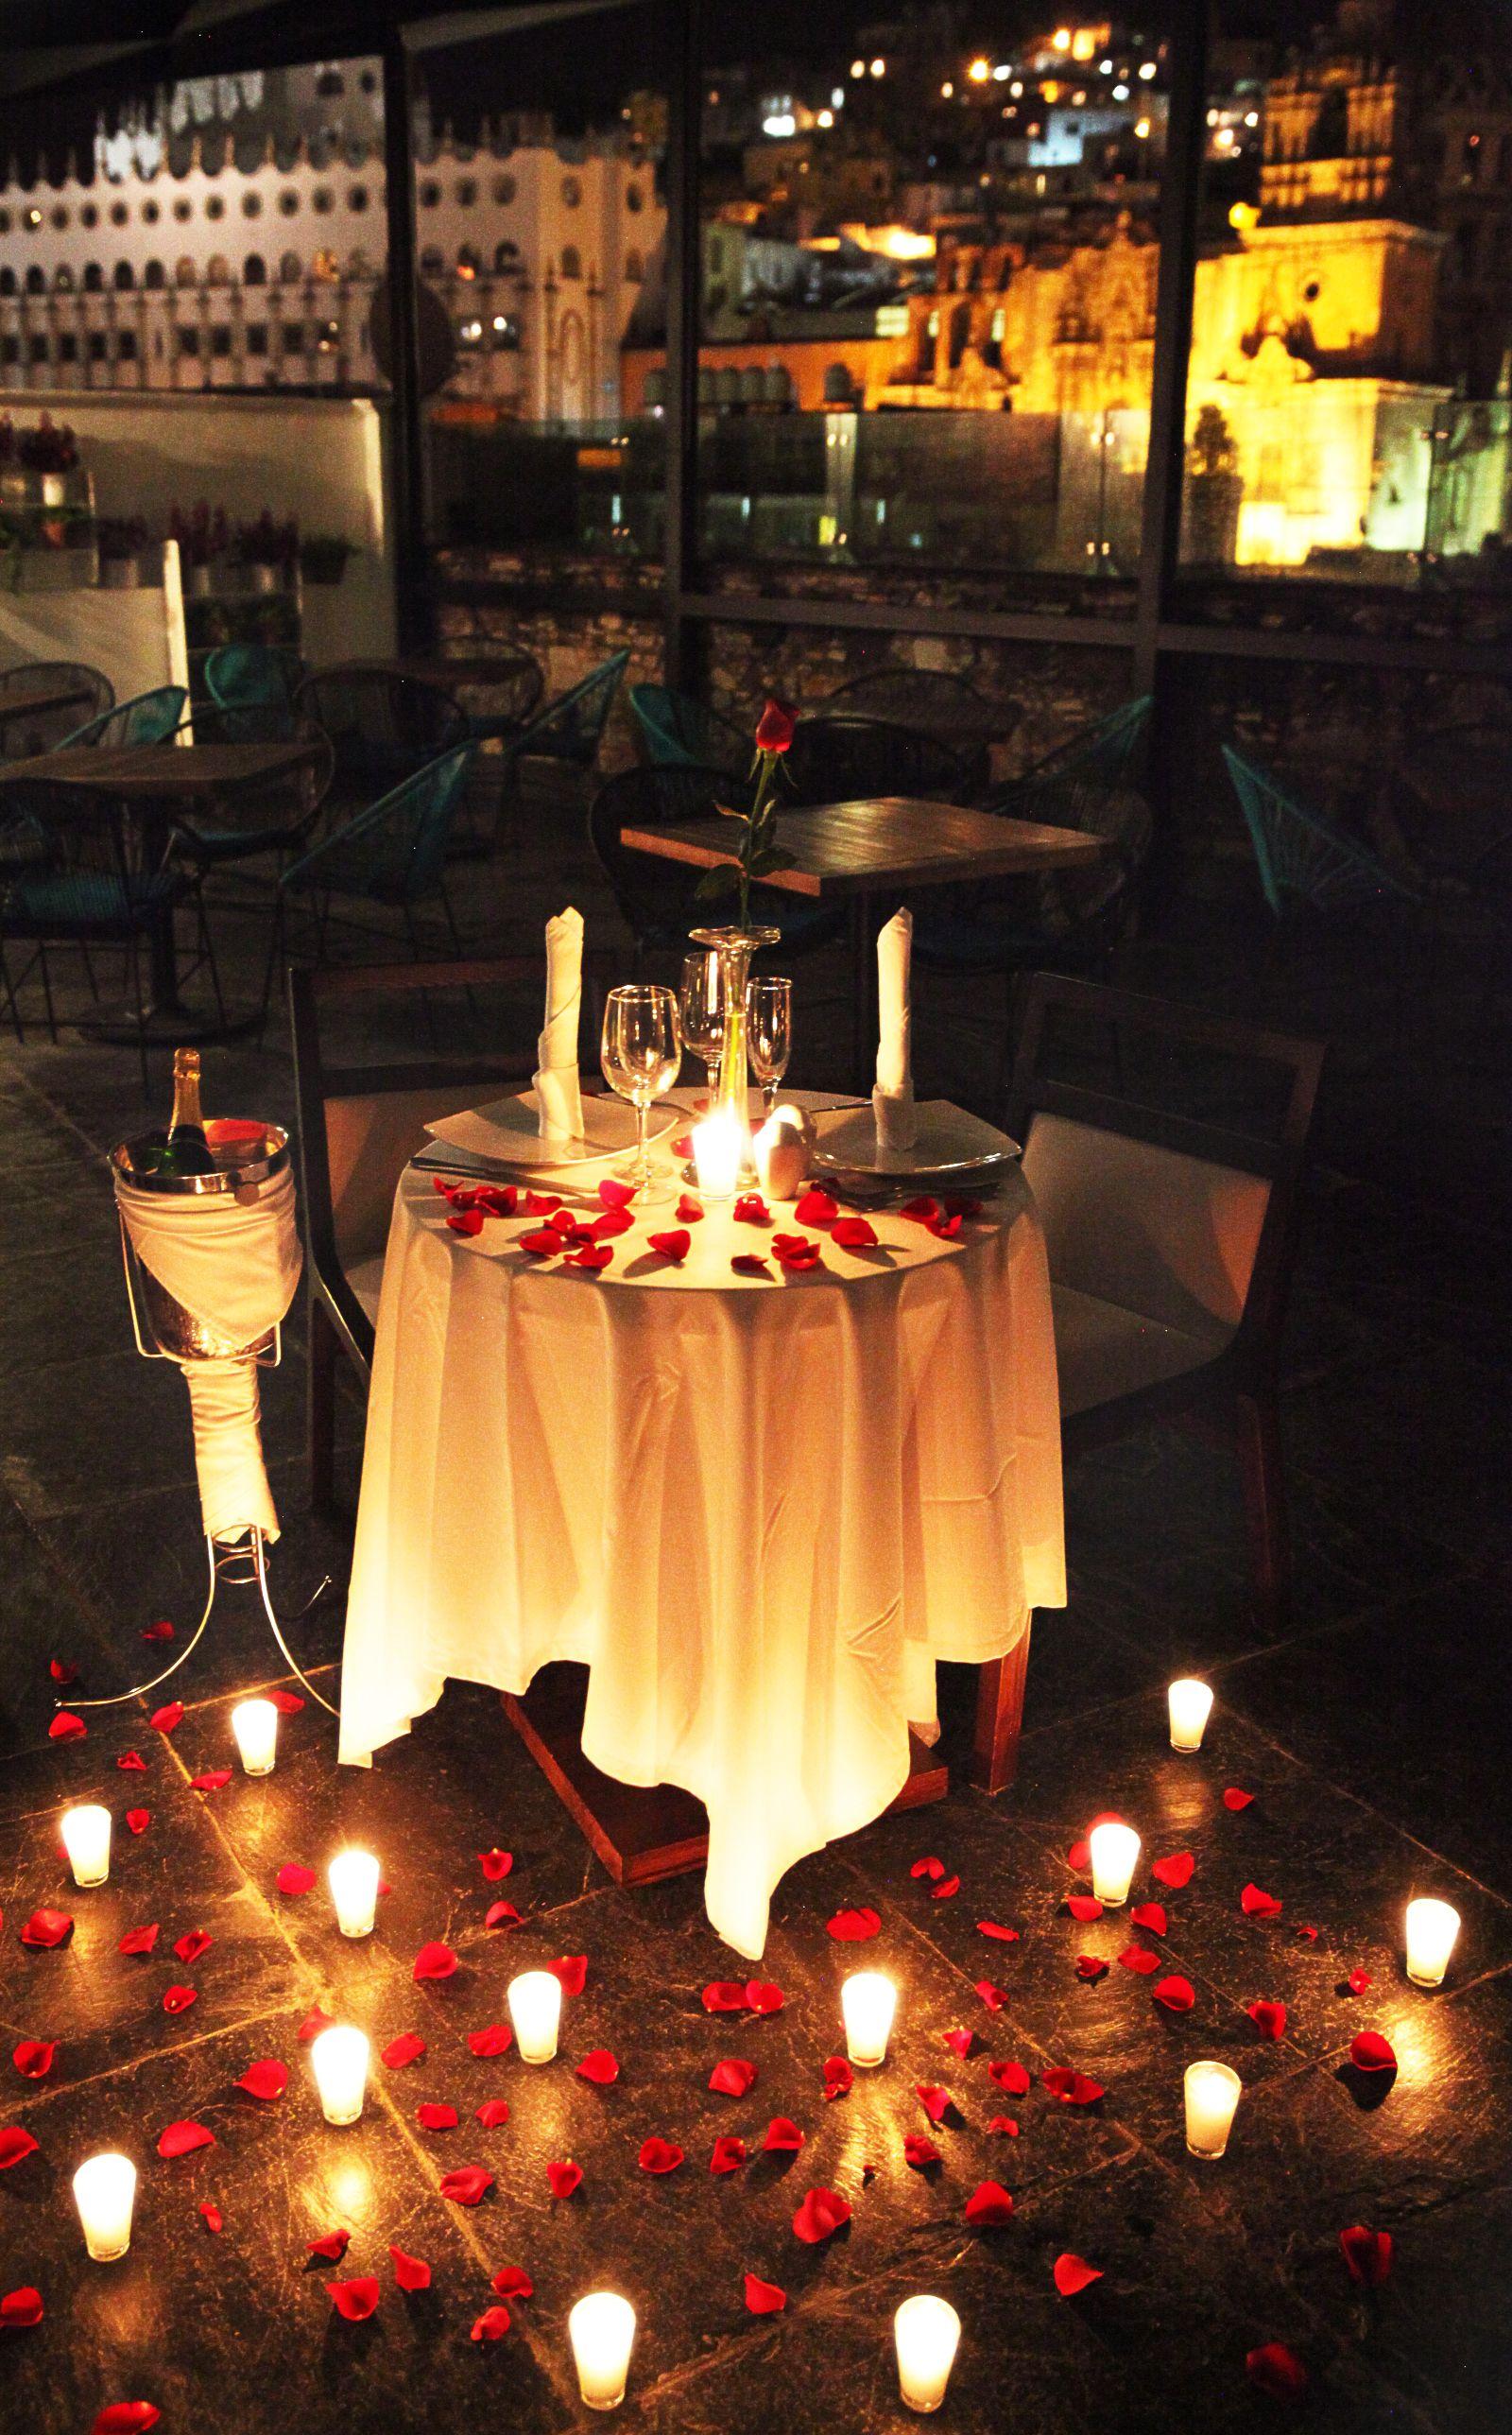 Edelmiraes romance cena romantica con una hermosa vista - Bodas sencillas y romanticas ...